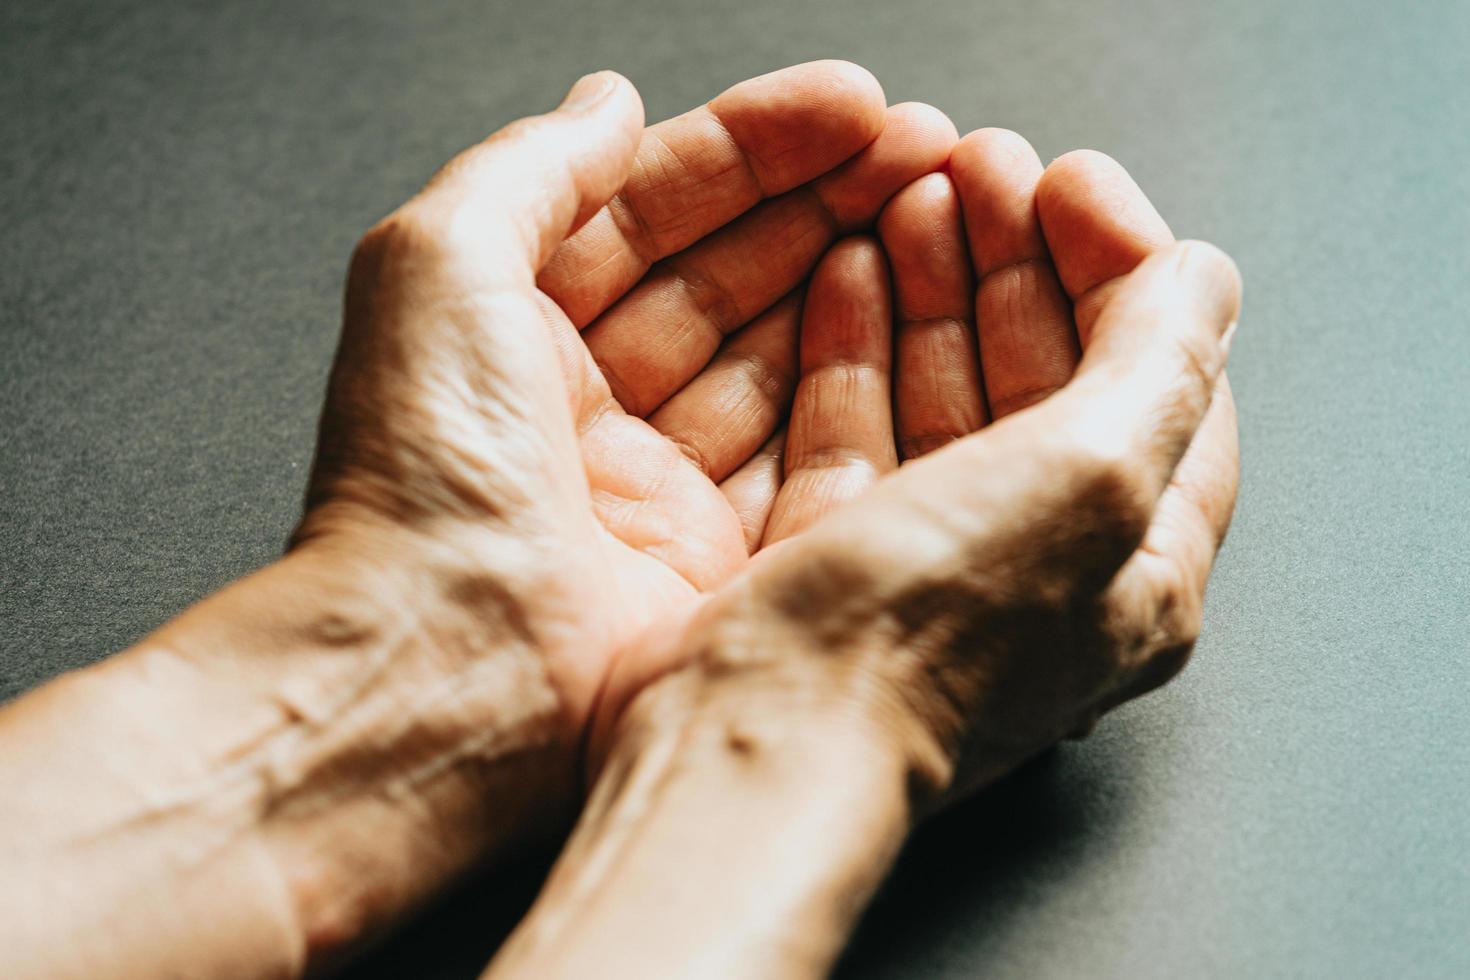 två händer som väntar öppet foto